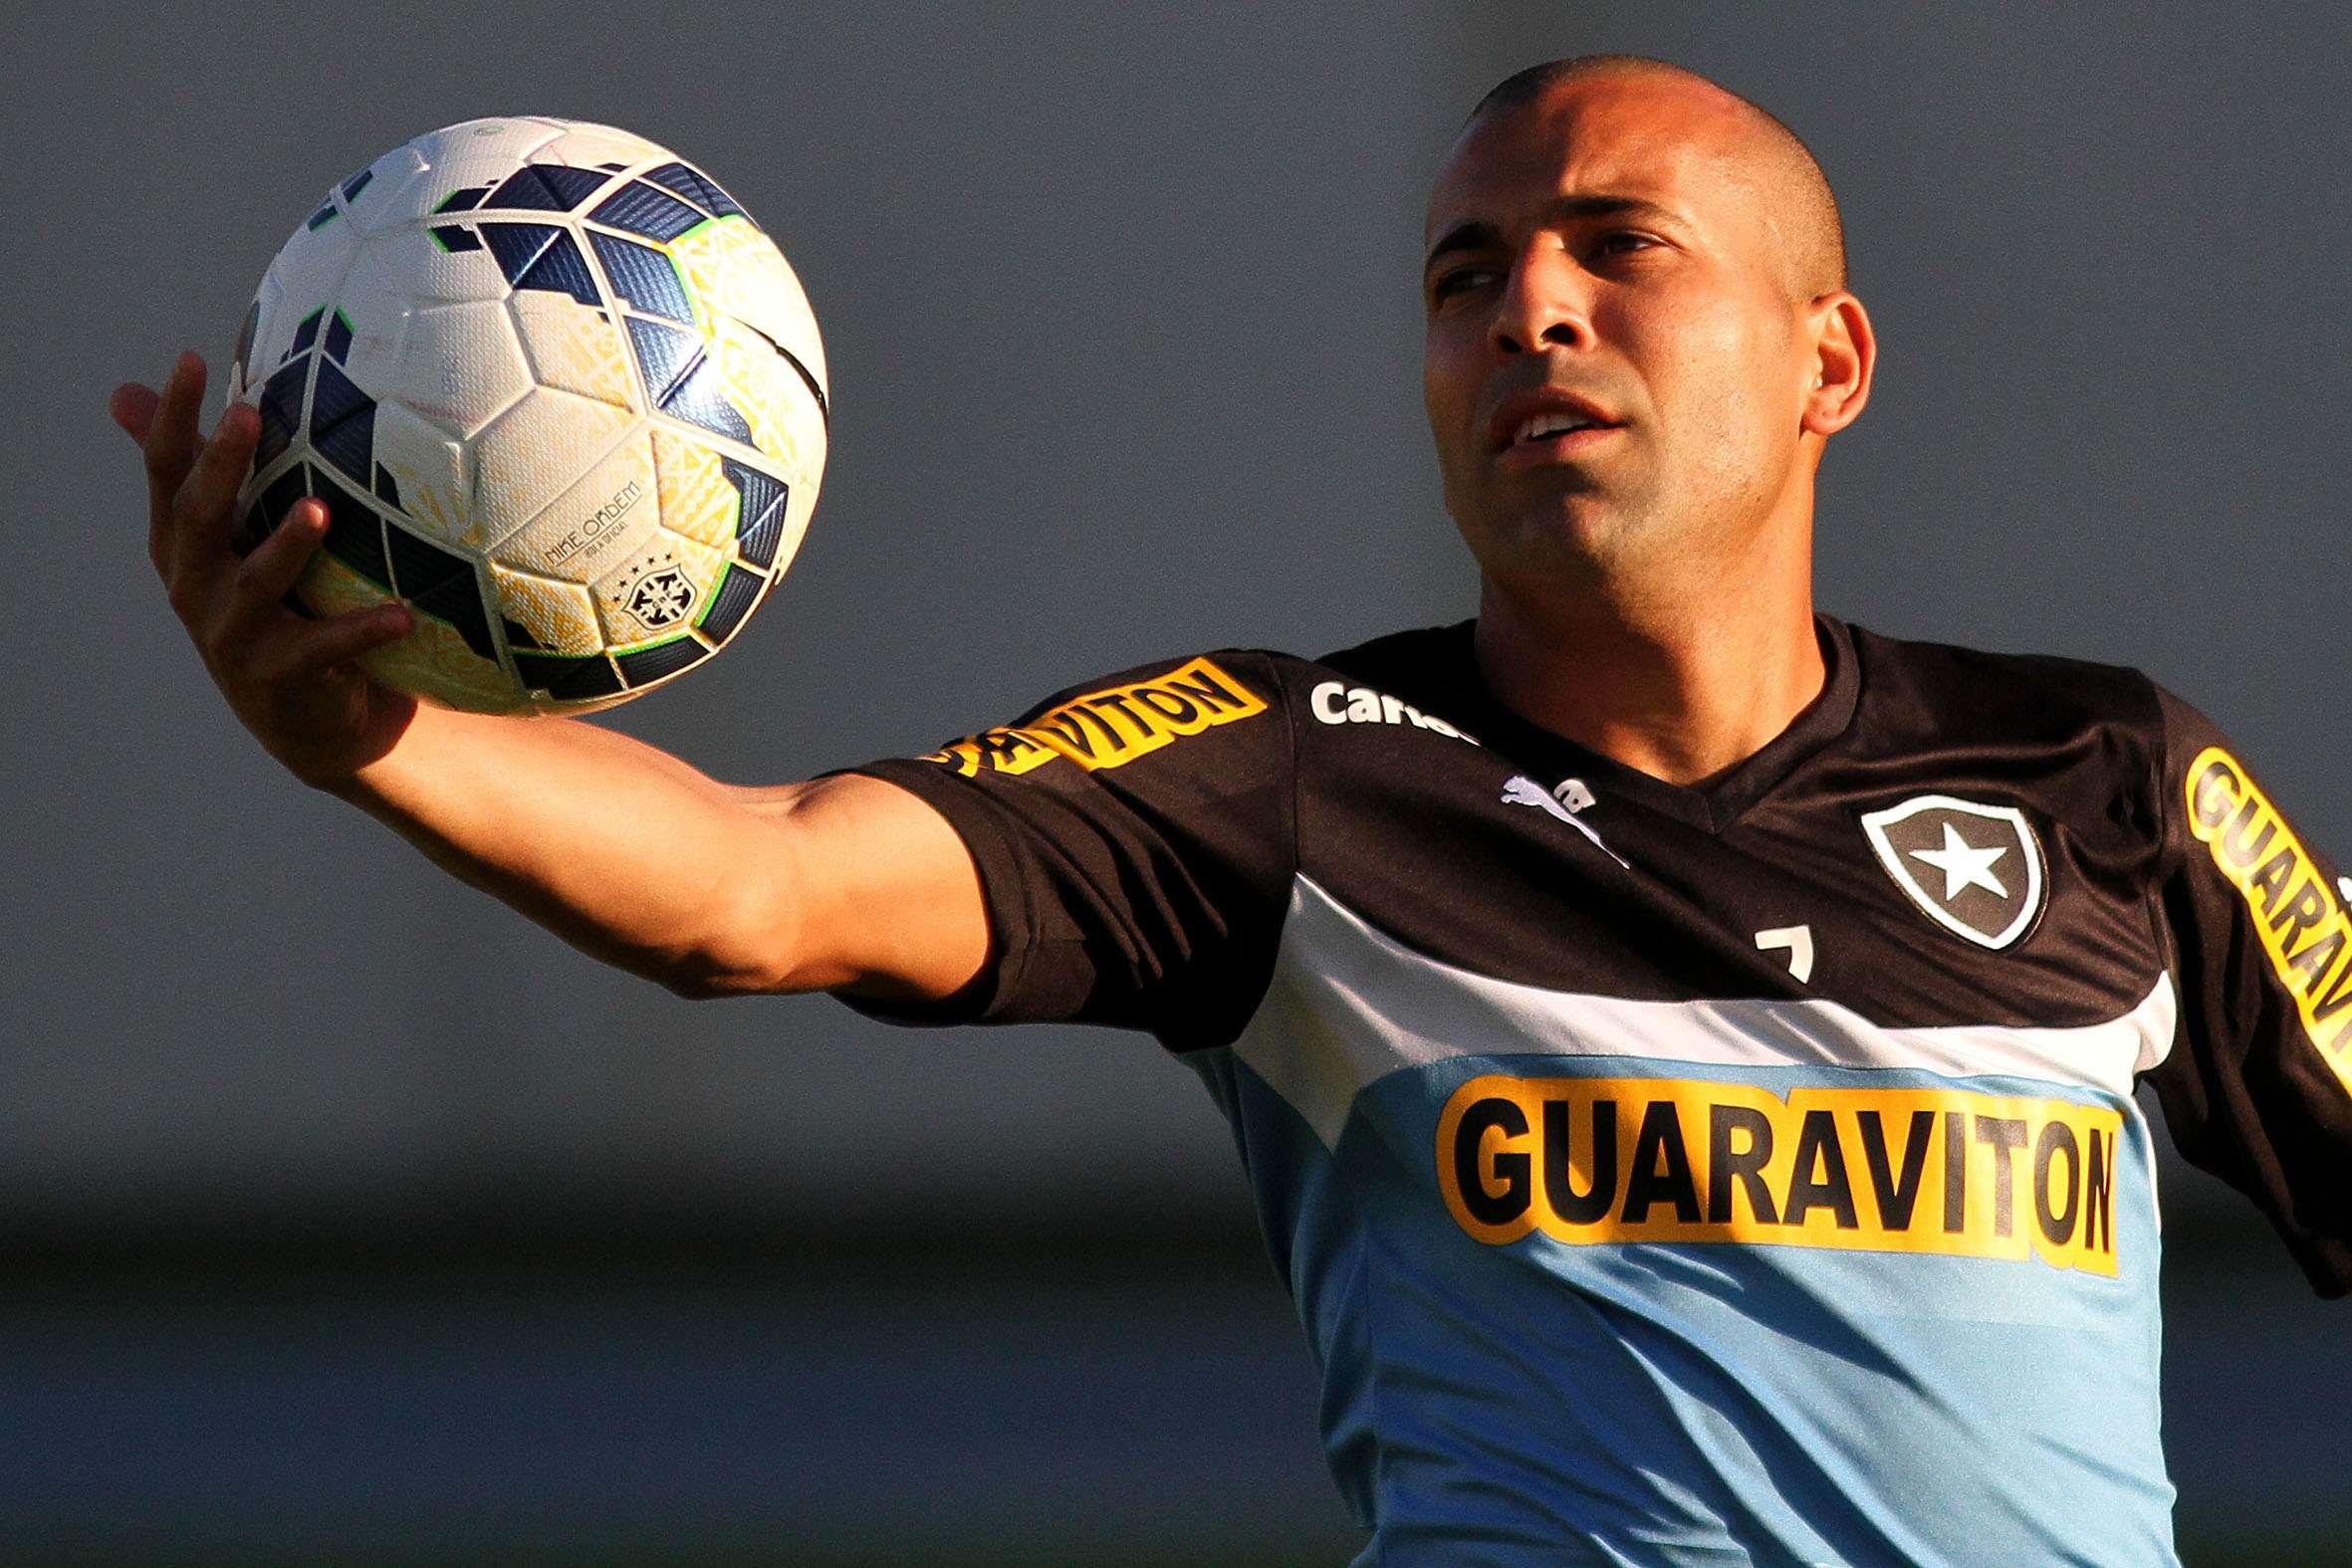 Foto: Vitor Silva/SSPress/Botafogo/Divulgação